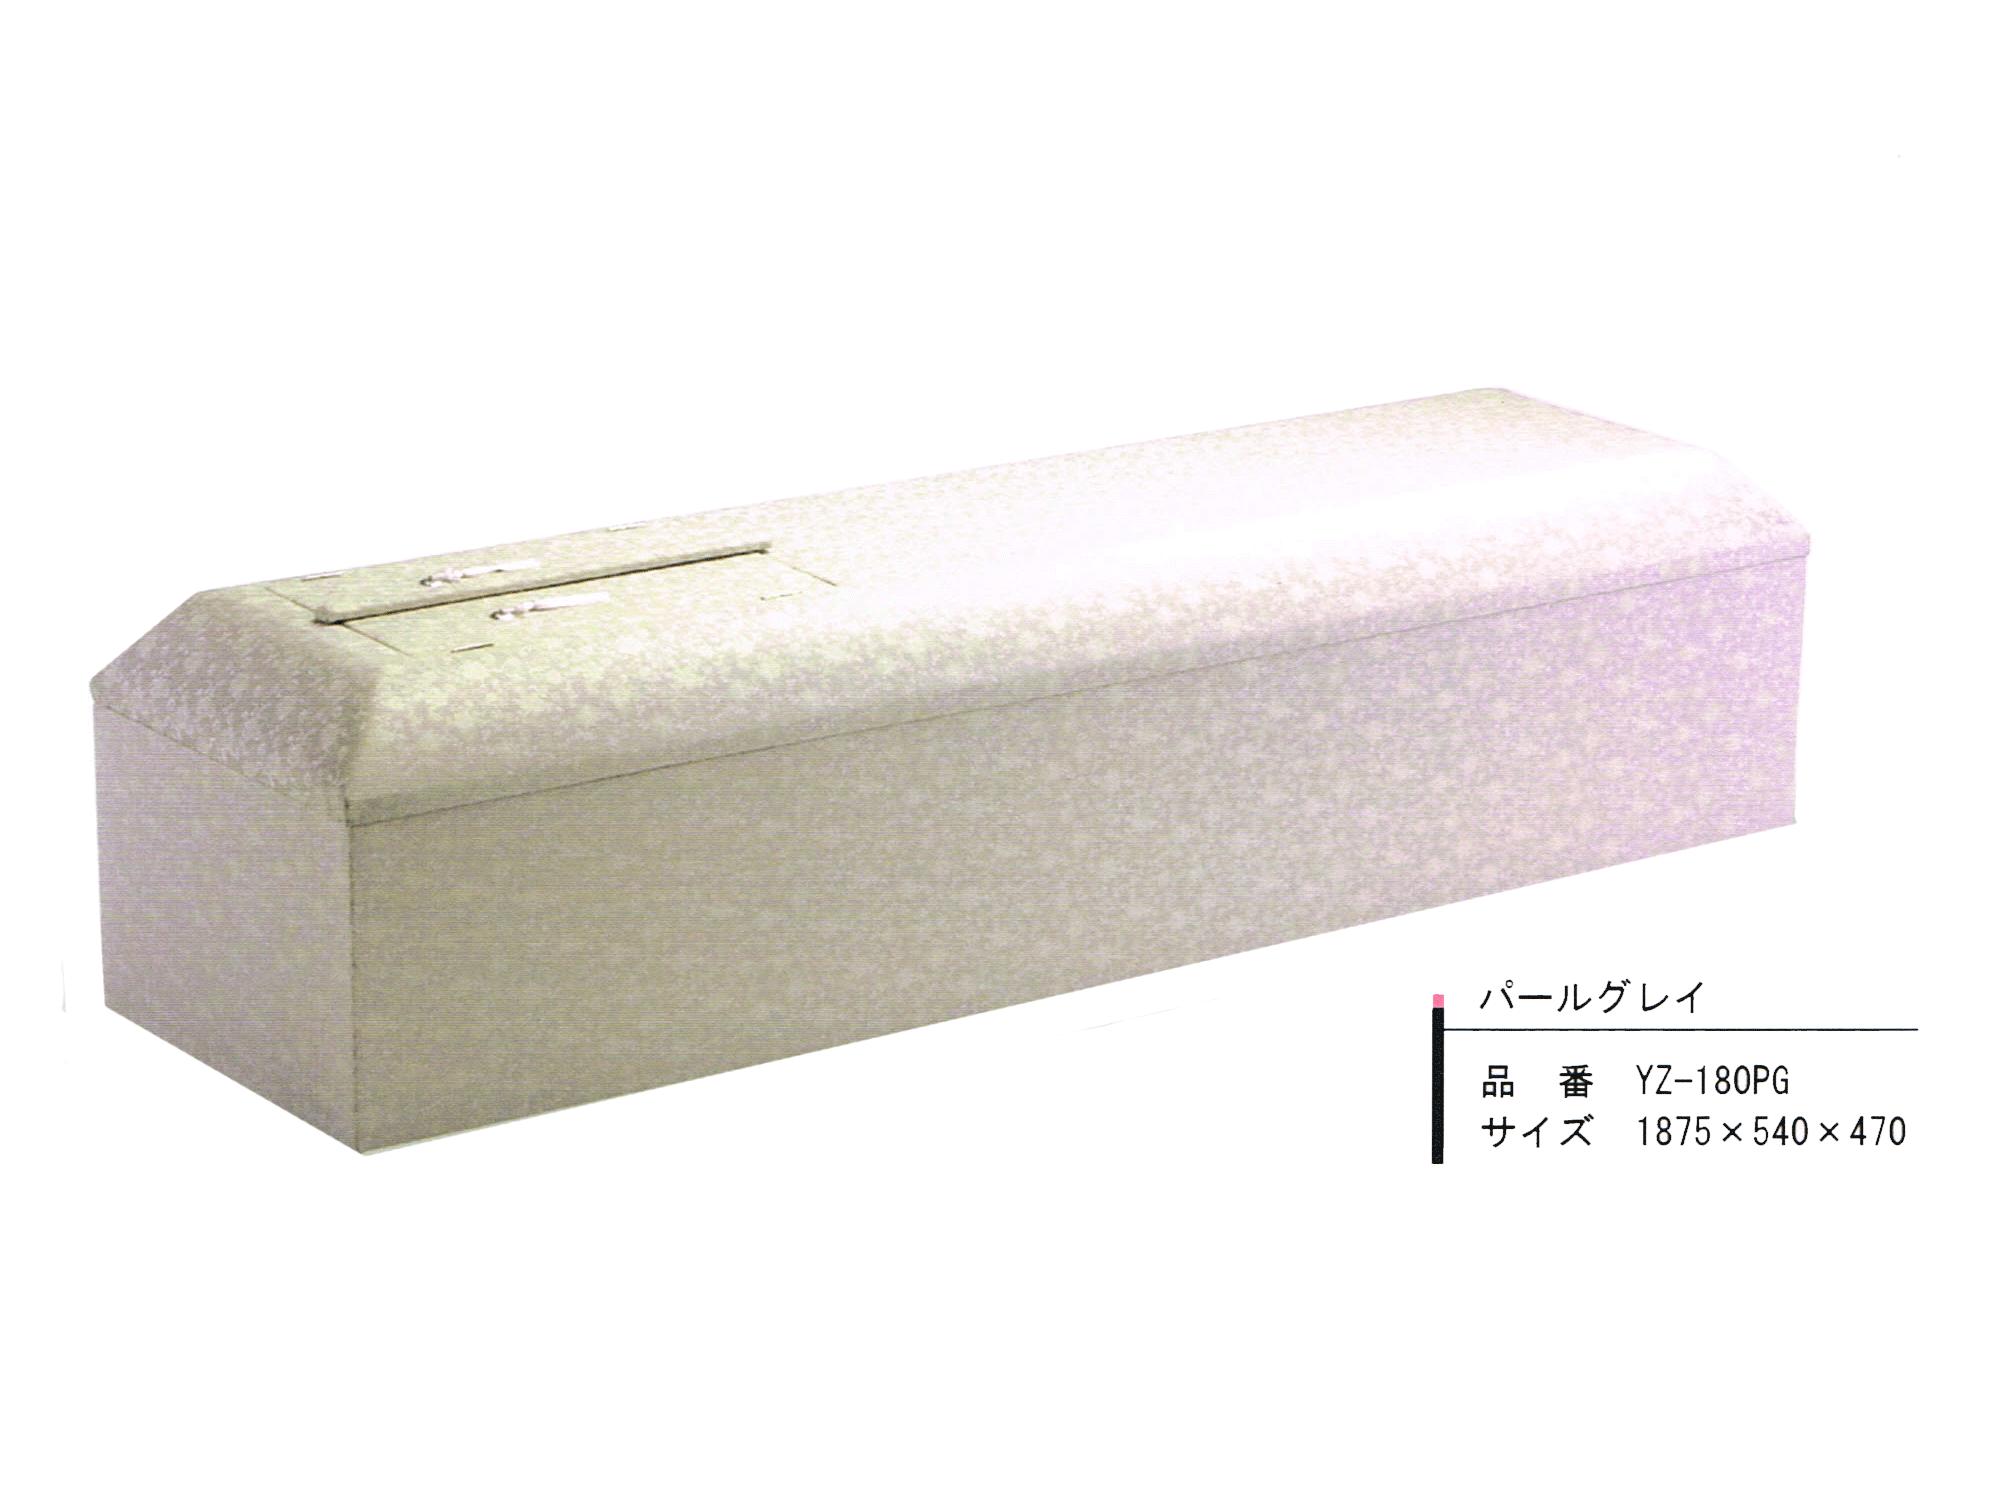 新型布張棺 シンシア パールグレイ